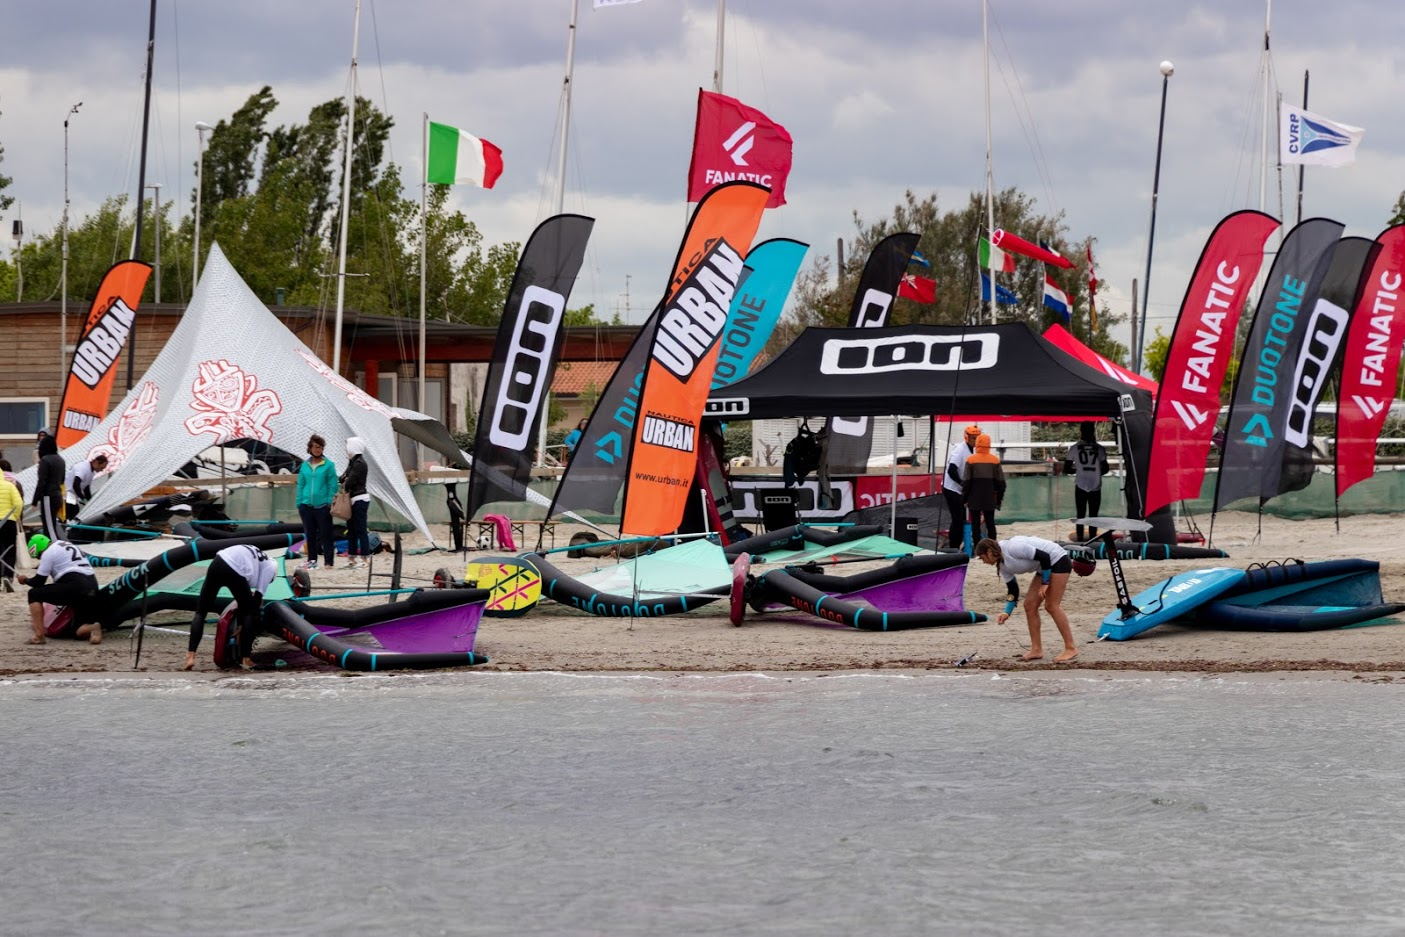 Campionato Italiano Wingfoil di Bellaria-Igea Marina